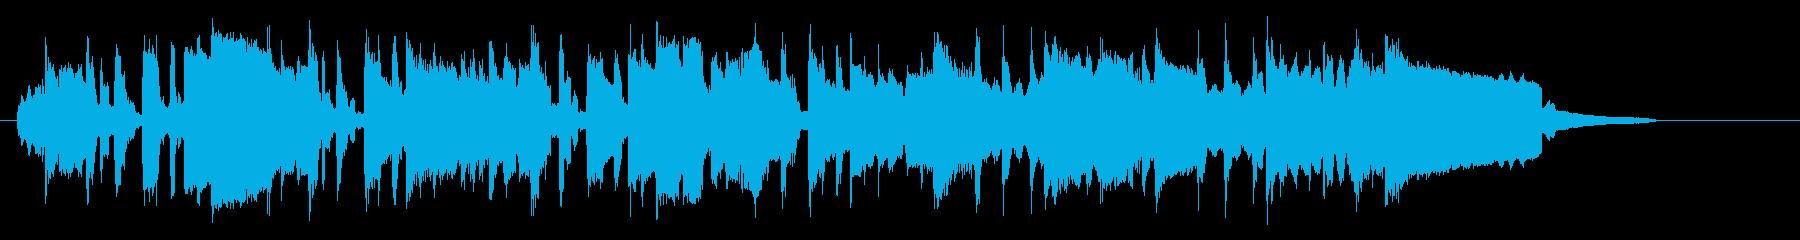 笛の音が明るく優しいマーチの再生済みの波形